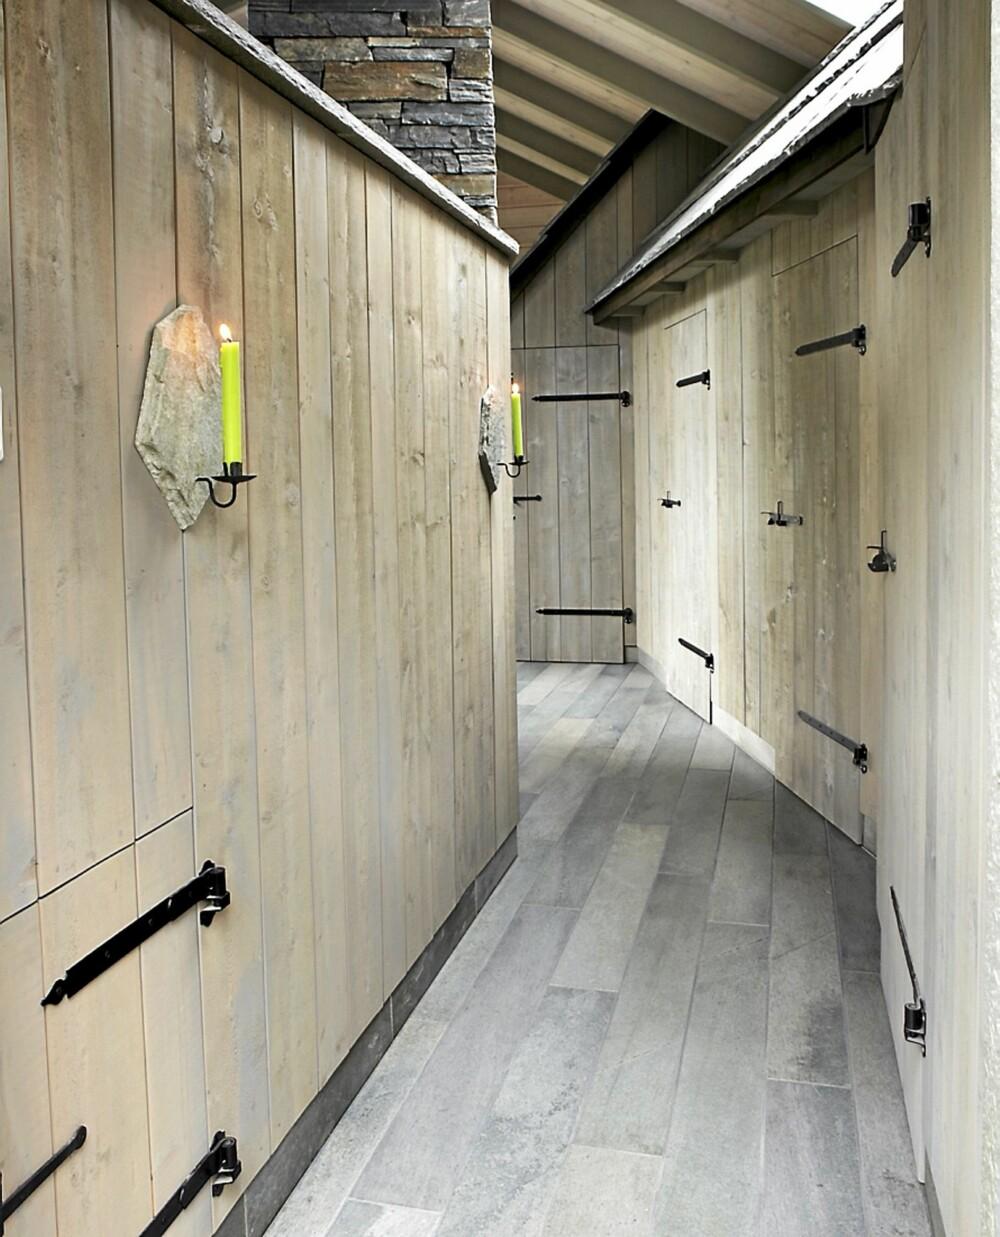 ORIGINALT: Hytta har fått en original lys gang hvor du ser steintak komme inn i stuen og gangen. Dørhåndtakene til soveromsdørene er det Runars far som har laget.